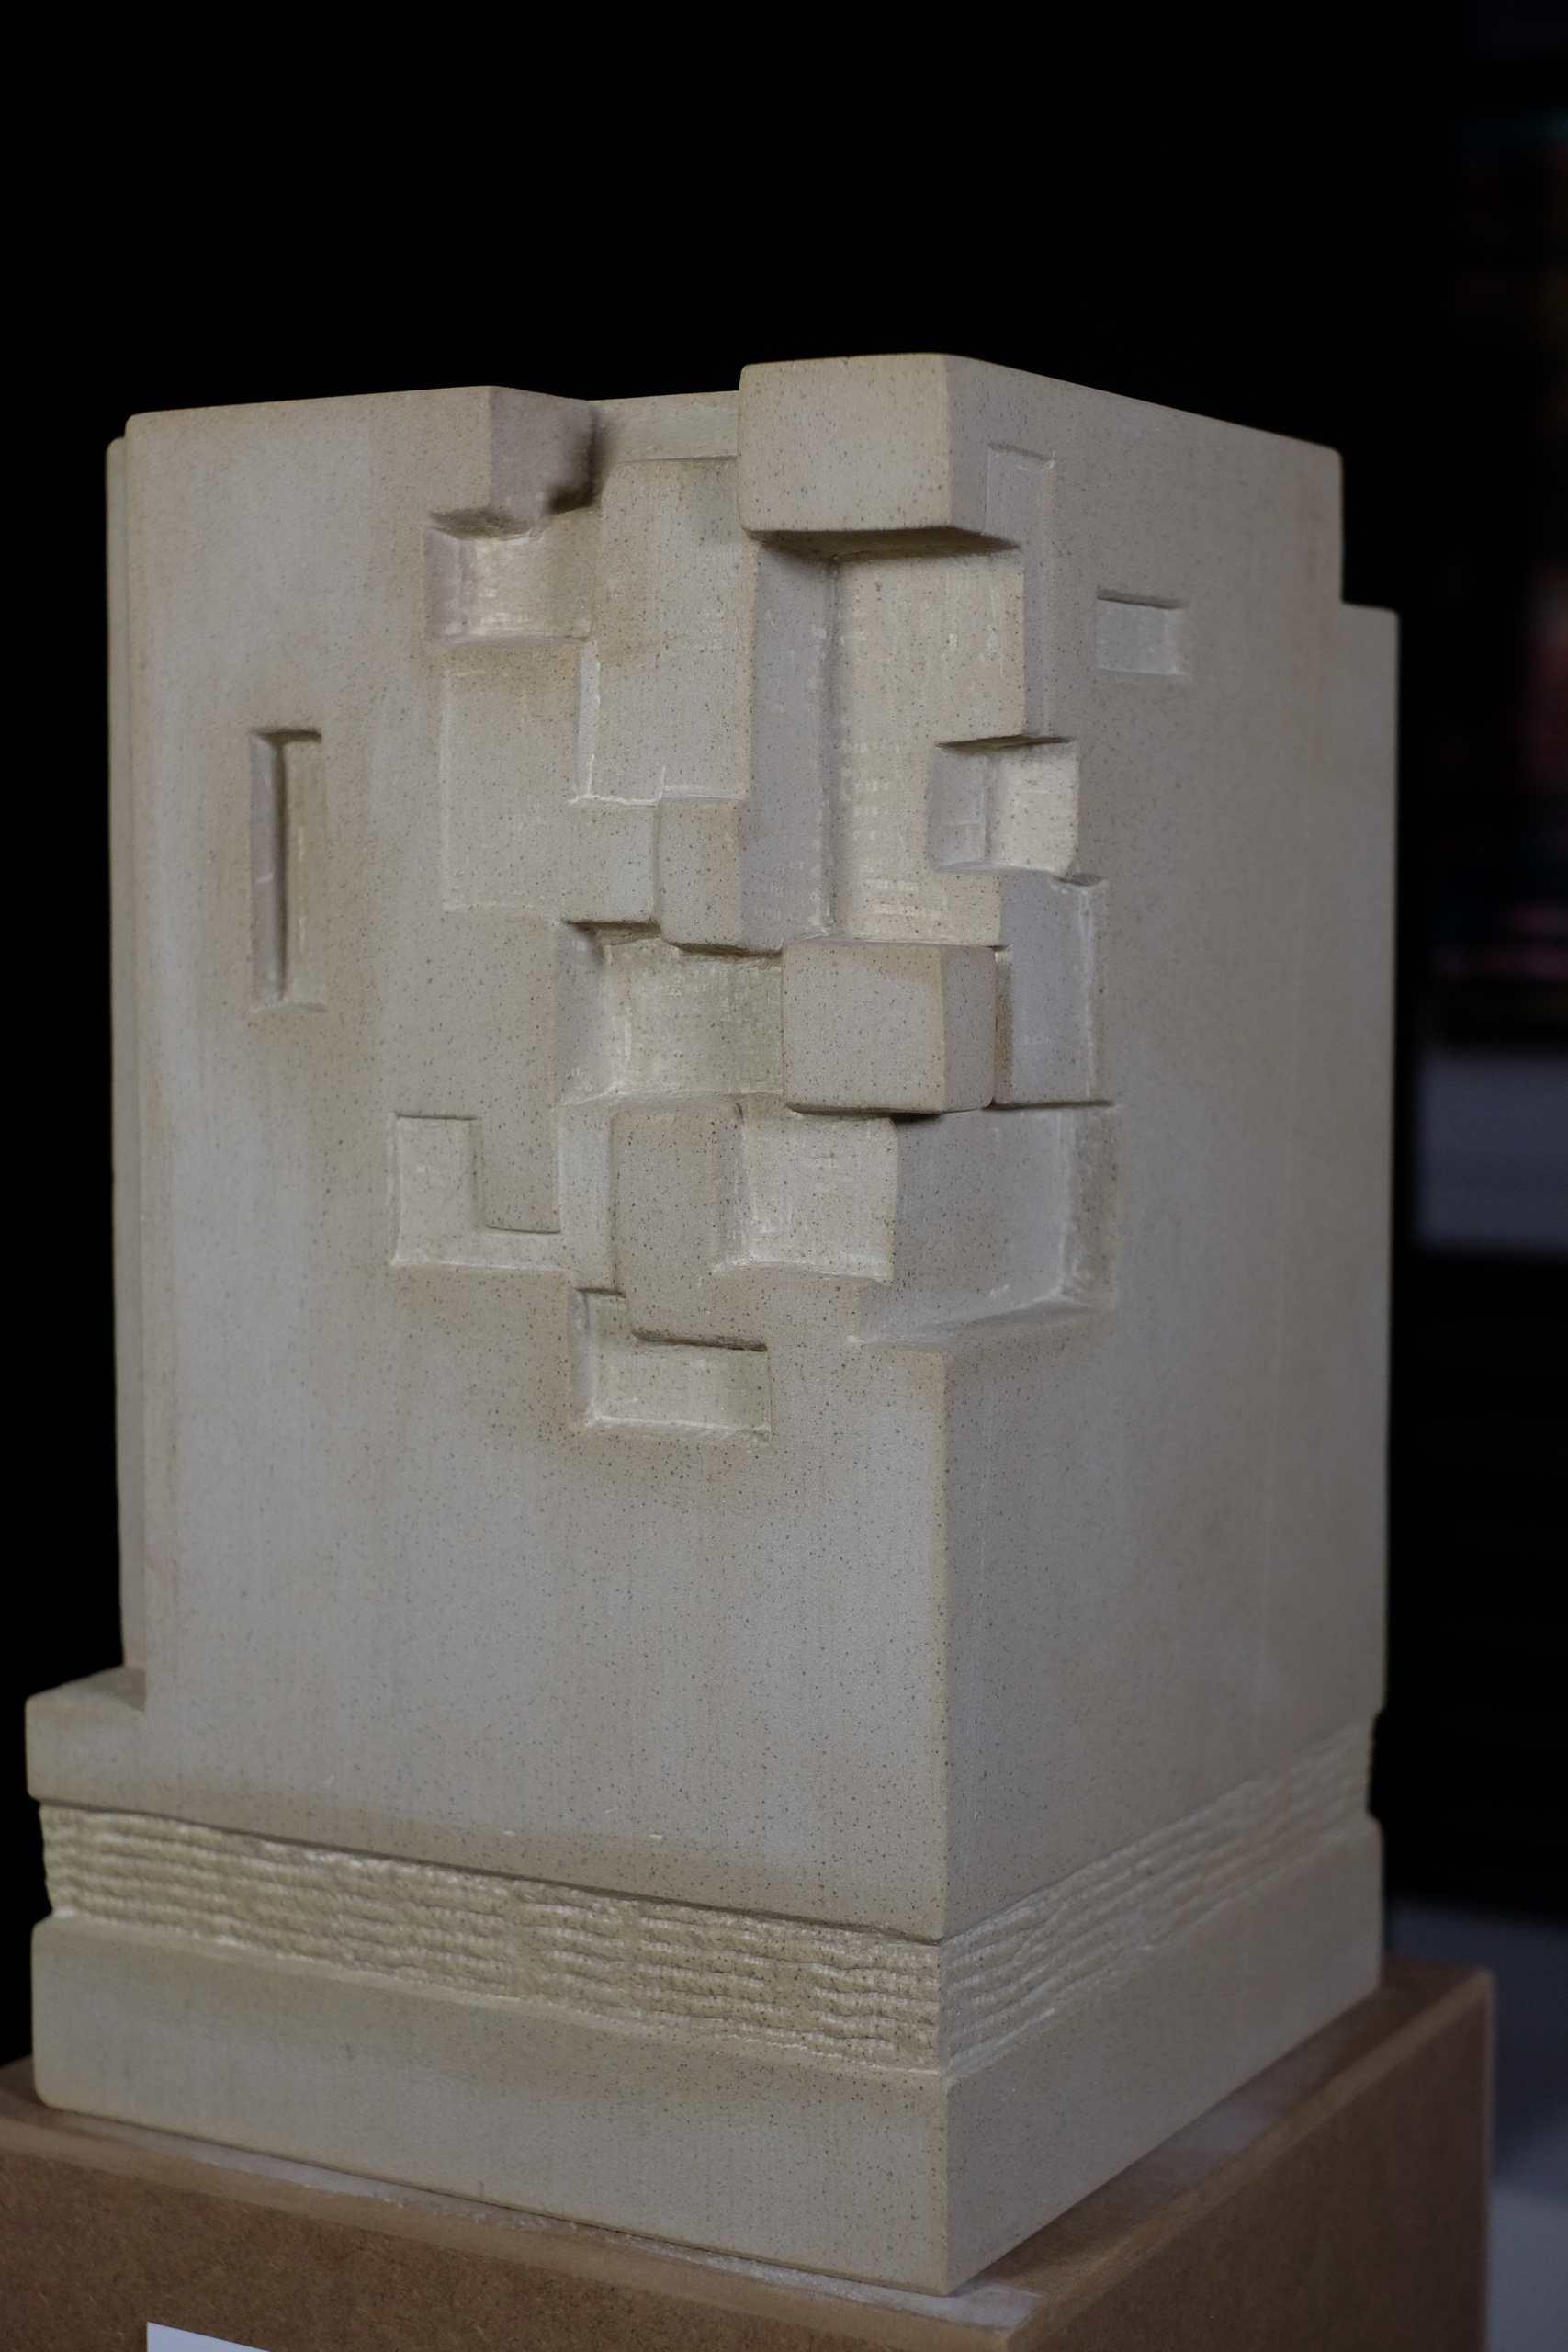 Sandsteinskulptur Natur und Geometrie von Katja Vollmer